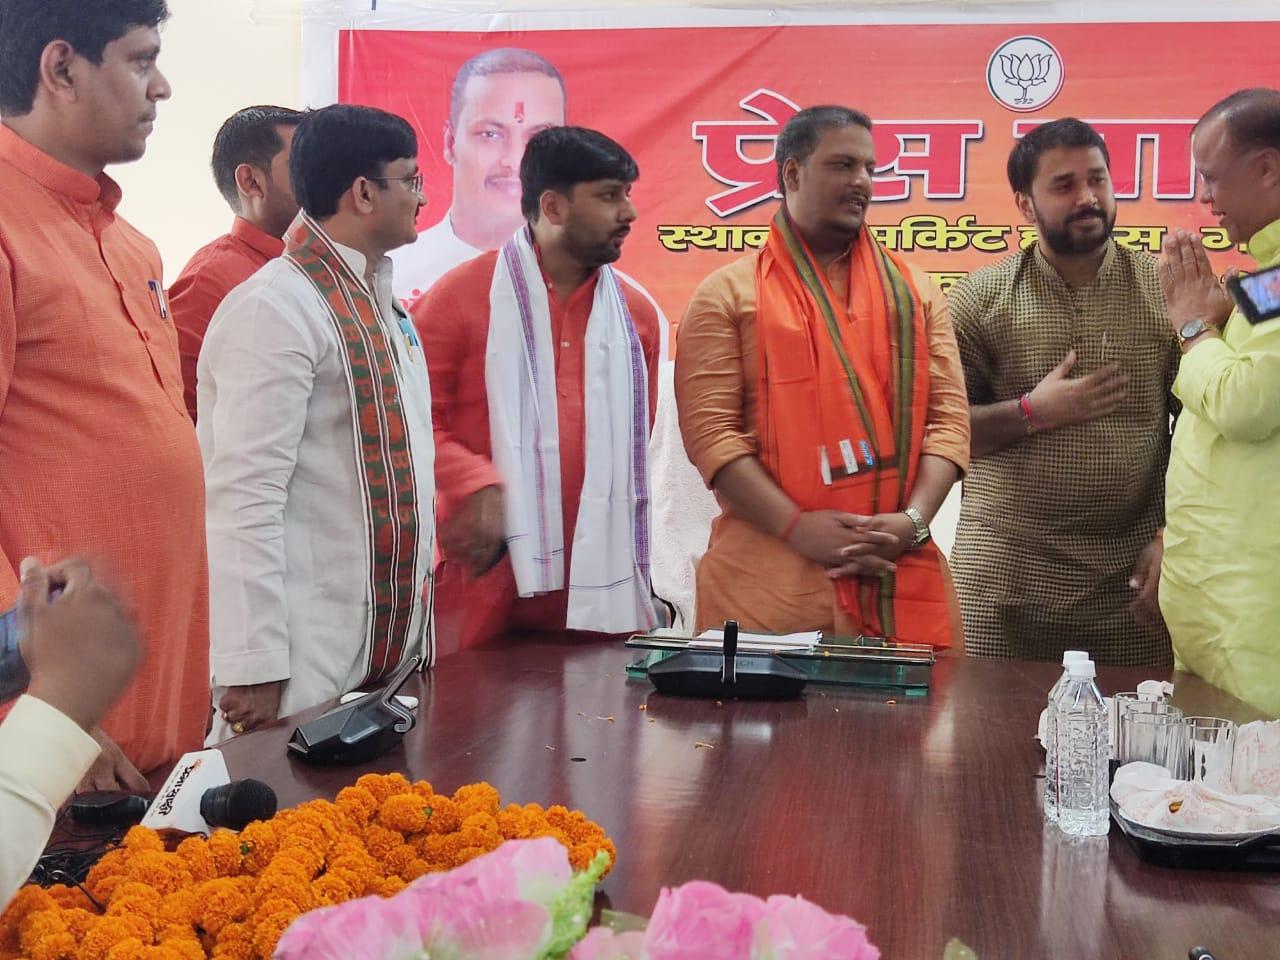 प्रांशुदत्त द्विवेदी ने कसा सपा पर तंज; बोले- सपा की साइकिल हो चुकी है पंचर, 2022 में निकल जाएगी हवा, 350 सीट पार करेगी BJP|गोरखपुर,Gorakhpur - Dainik Bhaskar